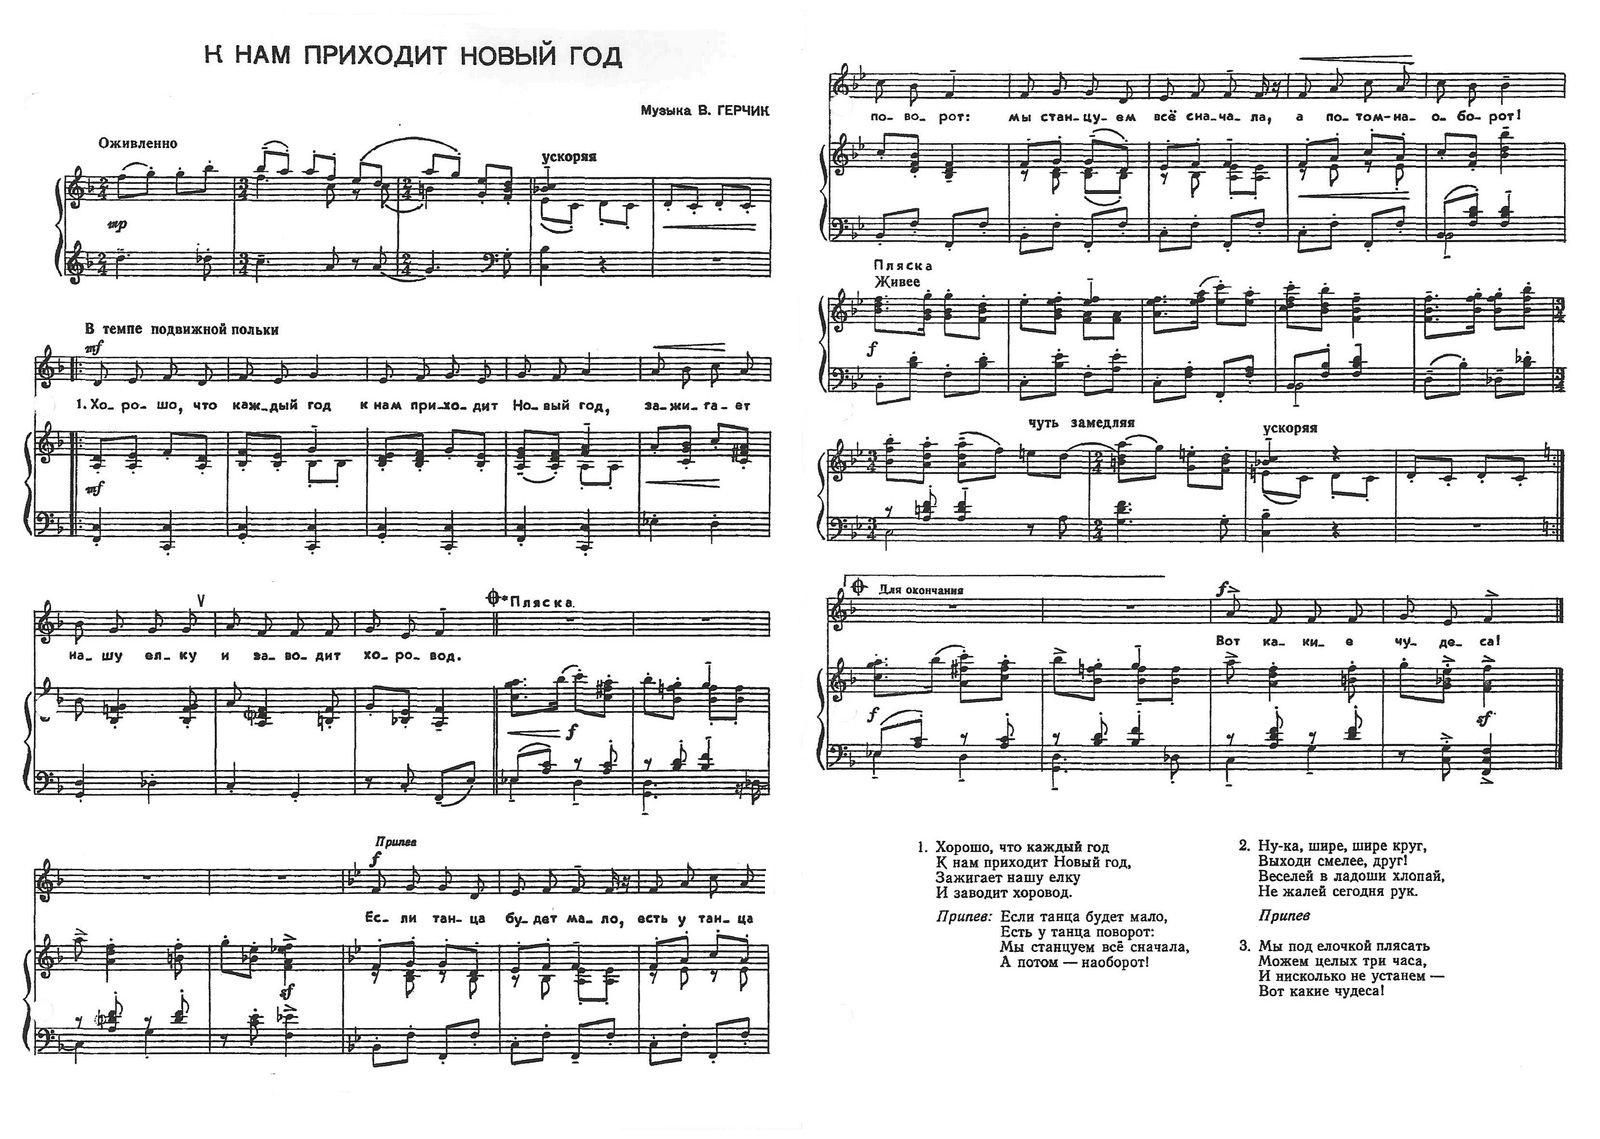 ноты новогодних песен для детей17